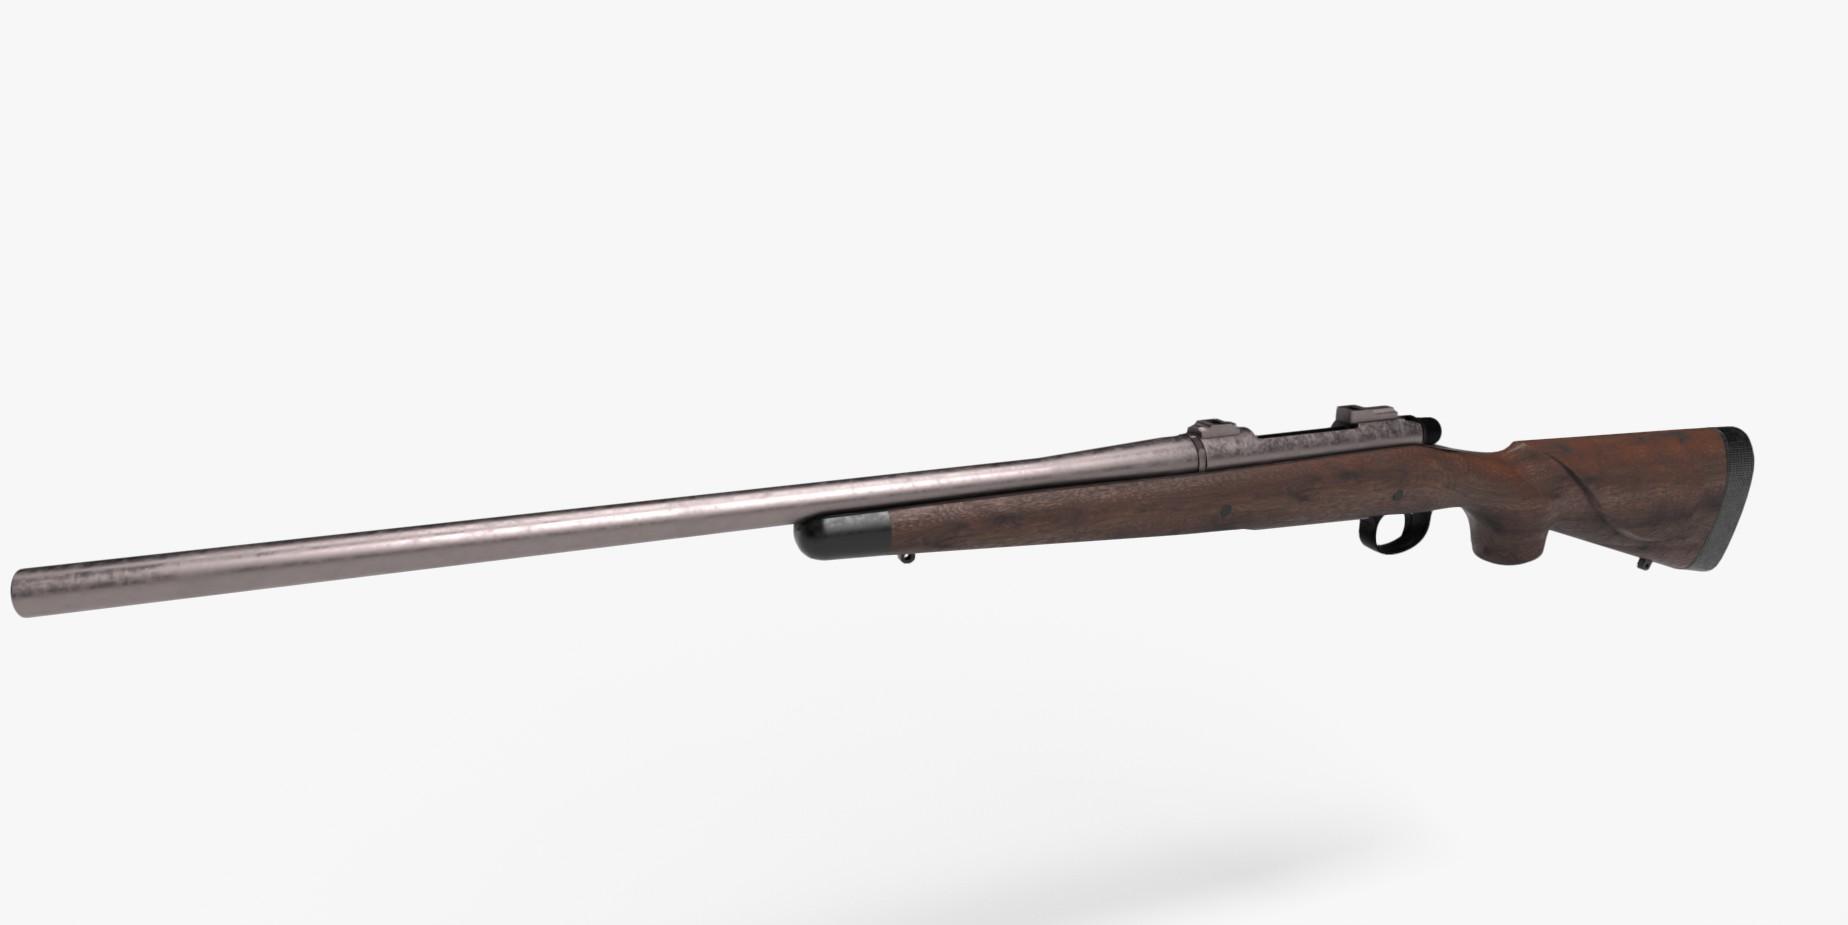 World War 2 Remington Rifle